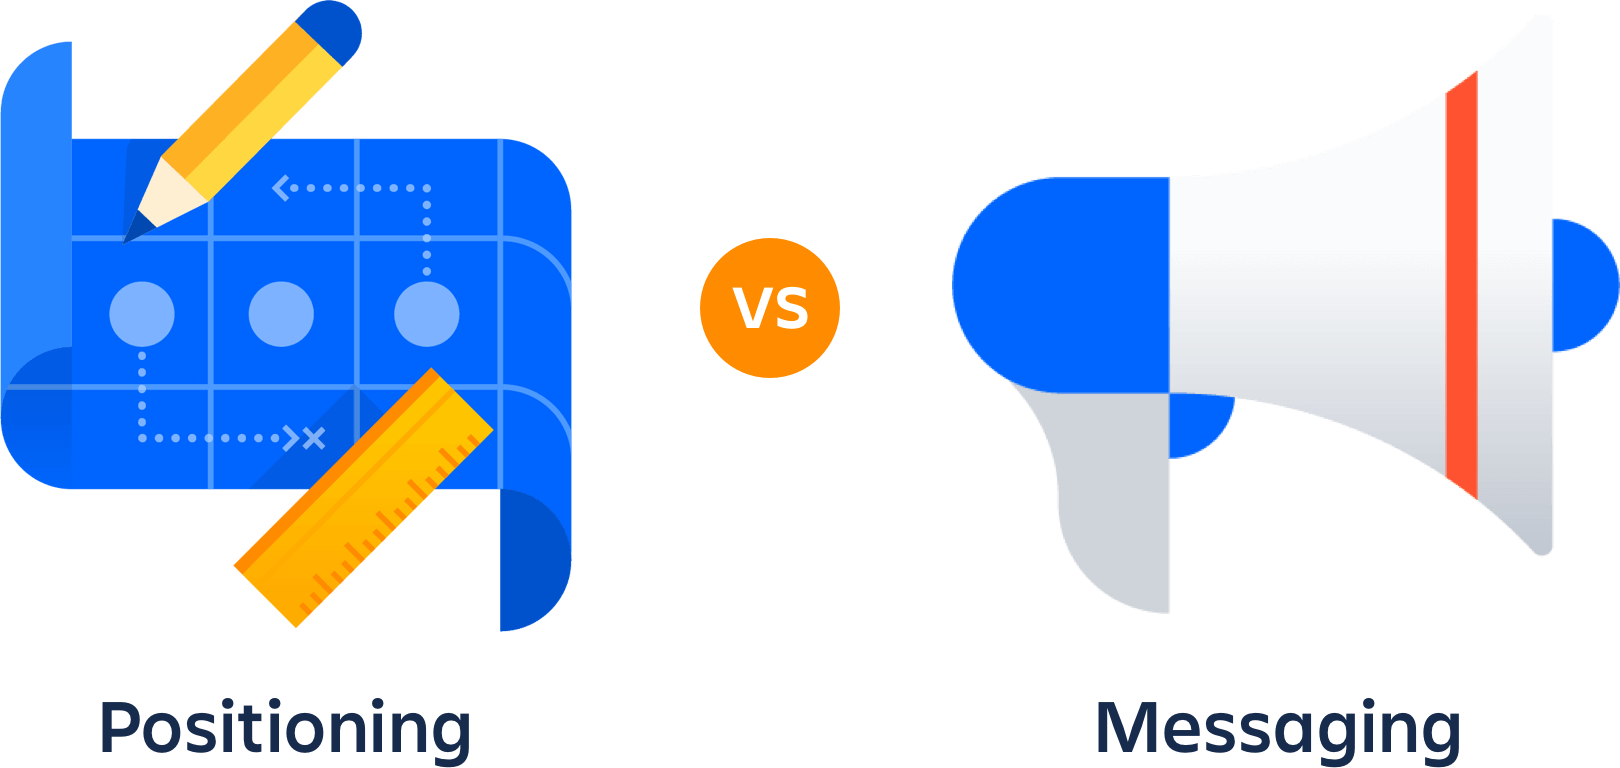 Positioning vs messaging